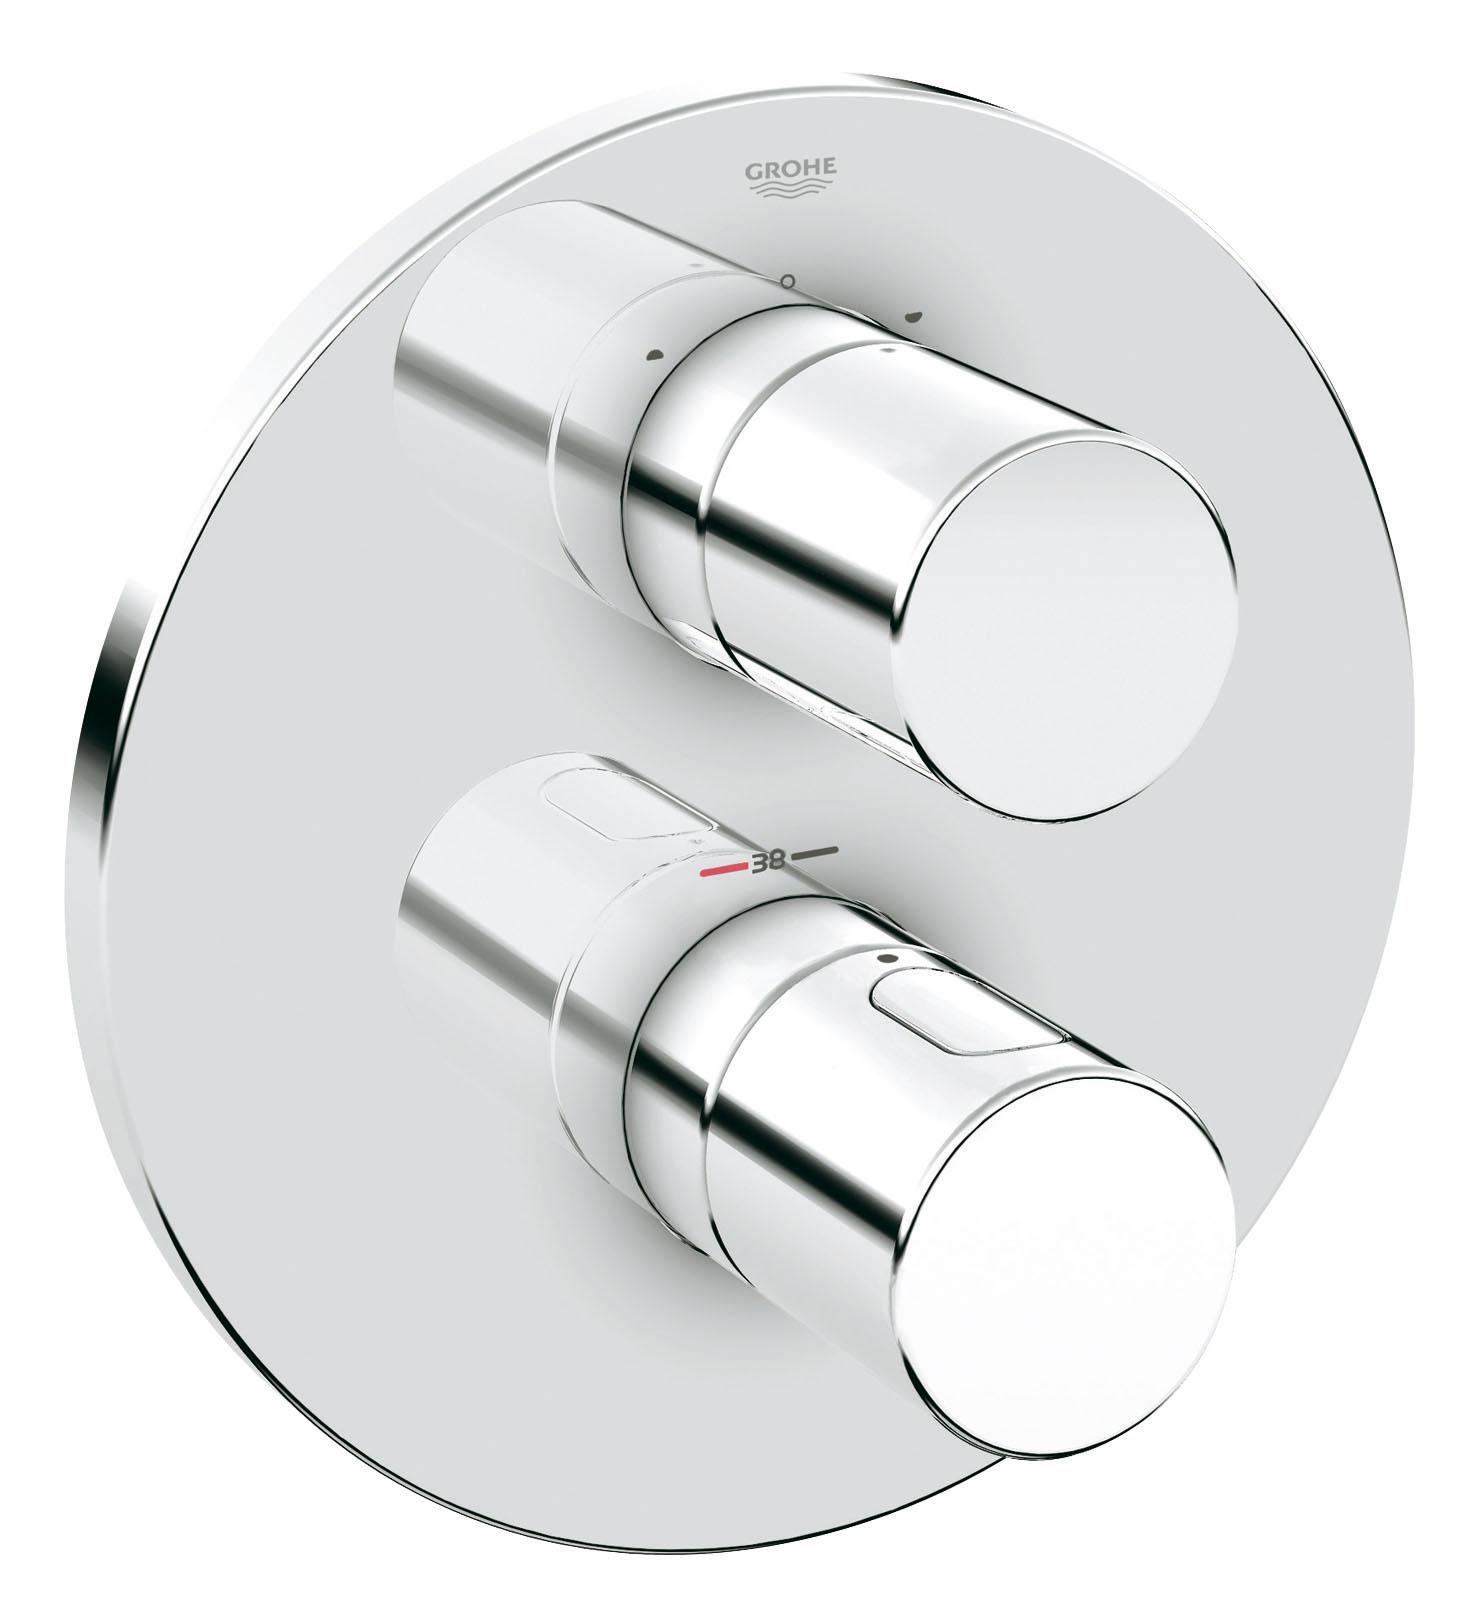 Термостатический смеситель для ванны GROHE Grohtherm 3000 Cosmopolitan (внешняя панель для арт. 35500000) (19468000)BL505Комплект верхней монтажной части для GROHE Rapido T 35 500 000Без встраиваемого механизмаGROHE StarLight хромированная поверхность Стопор безопасности при 38°CАквадиммер многофункциональный:Затвор воды и регулятор расходаПереключатель на 2 положенияС настенными розетками GROHE QuickFix ( скрытые эксцентрики, уплотнение, скрытый монтаж)